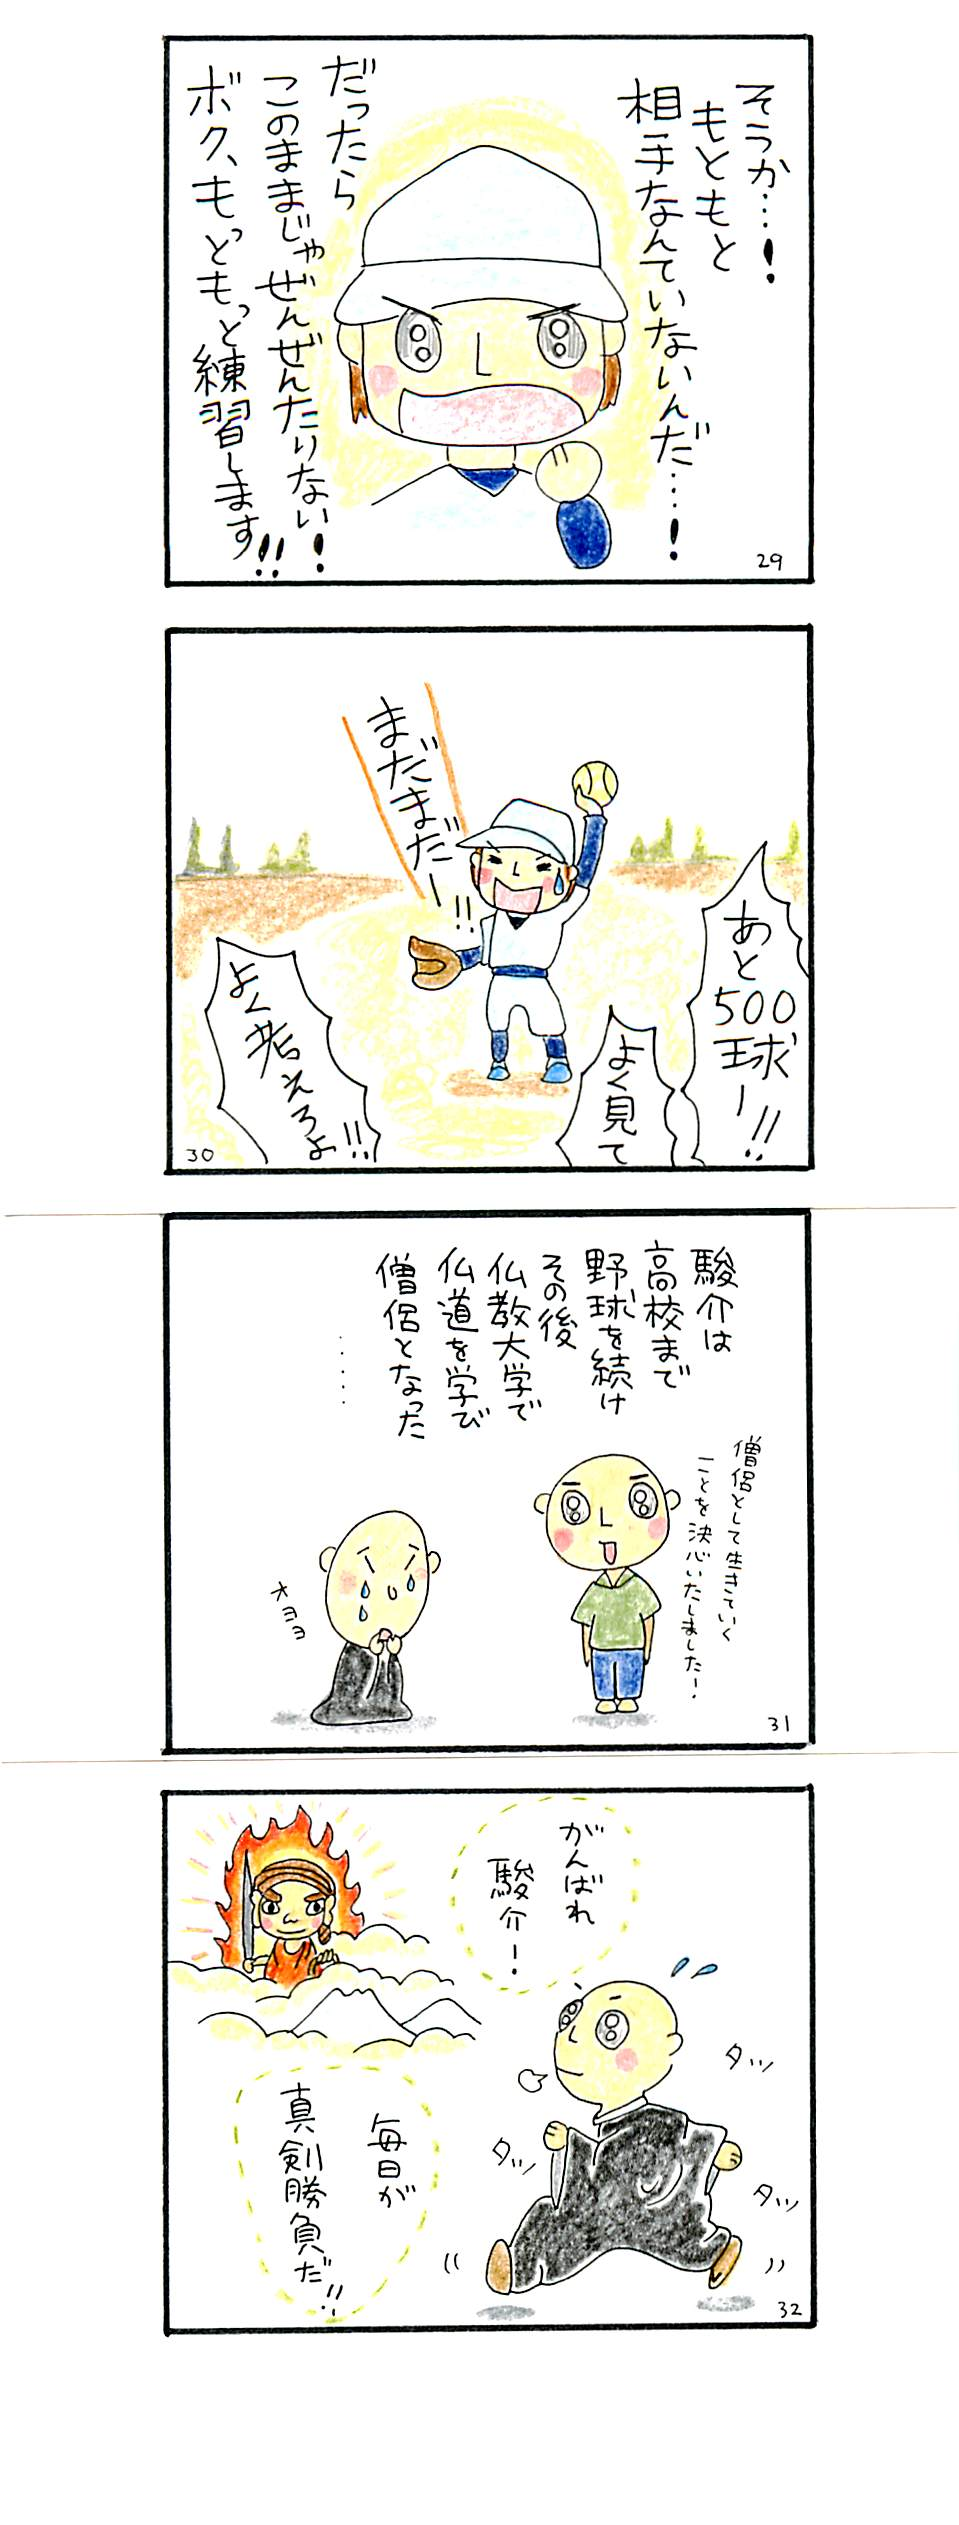 お不動さんp29-p32